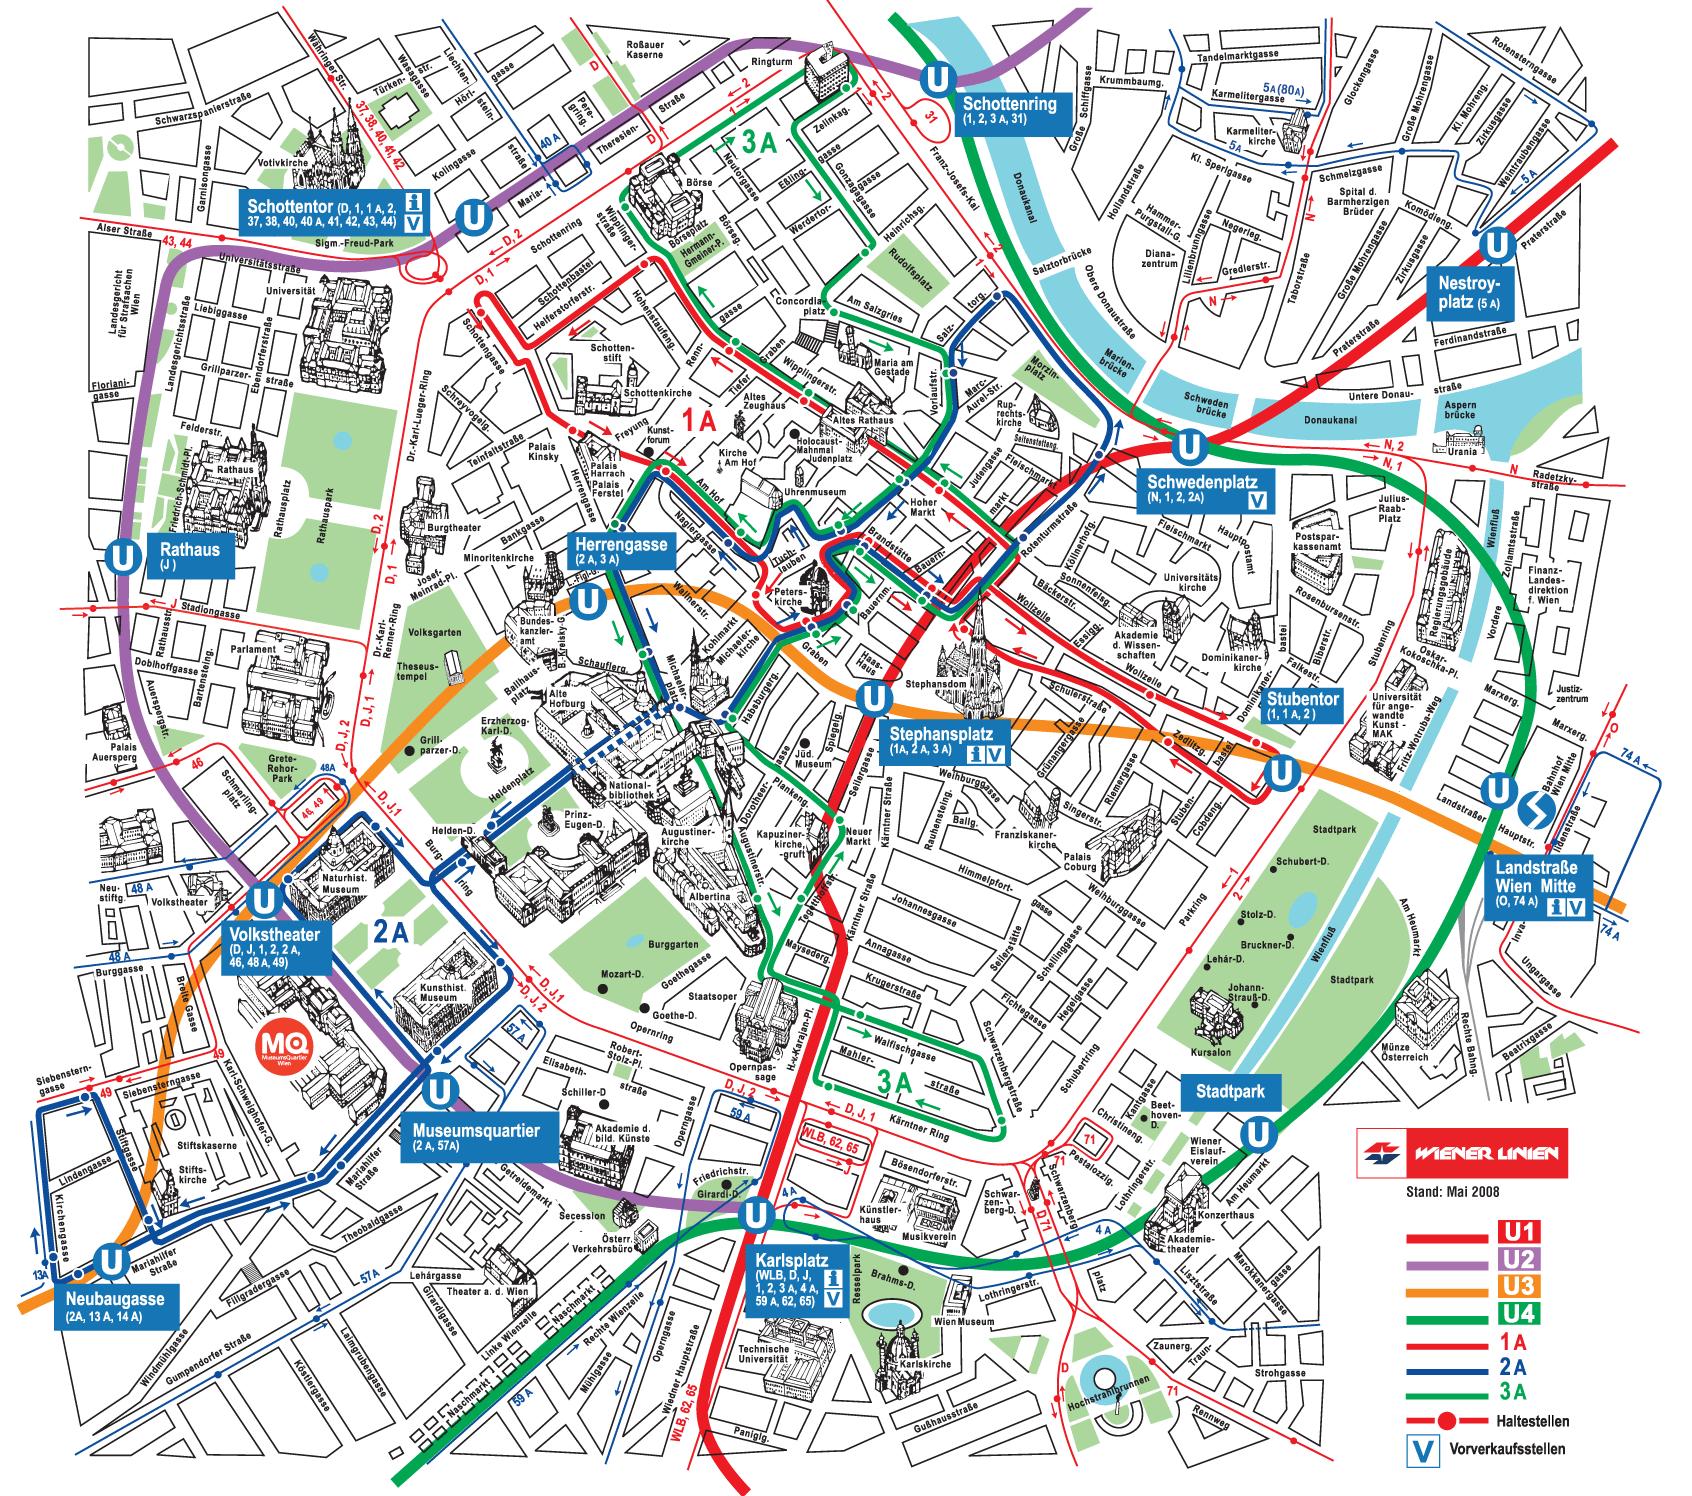 mapa de viena com pontos turisticos Monumentos em Viena, Áustria | MAPA CENTRO DE VIENA | Pinterest mapa de viena com pontos turisticos